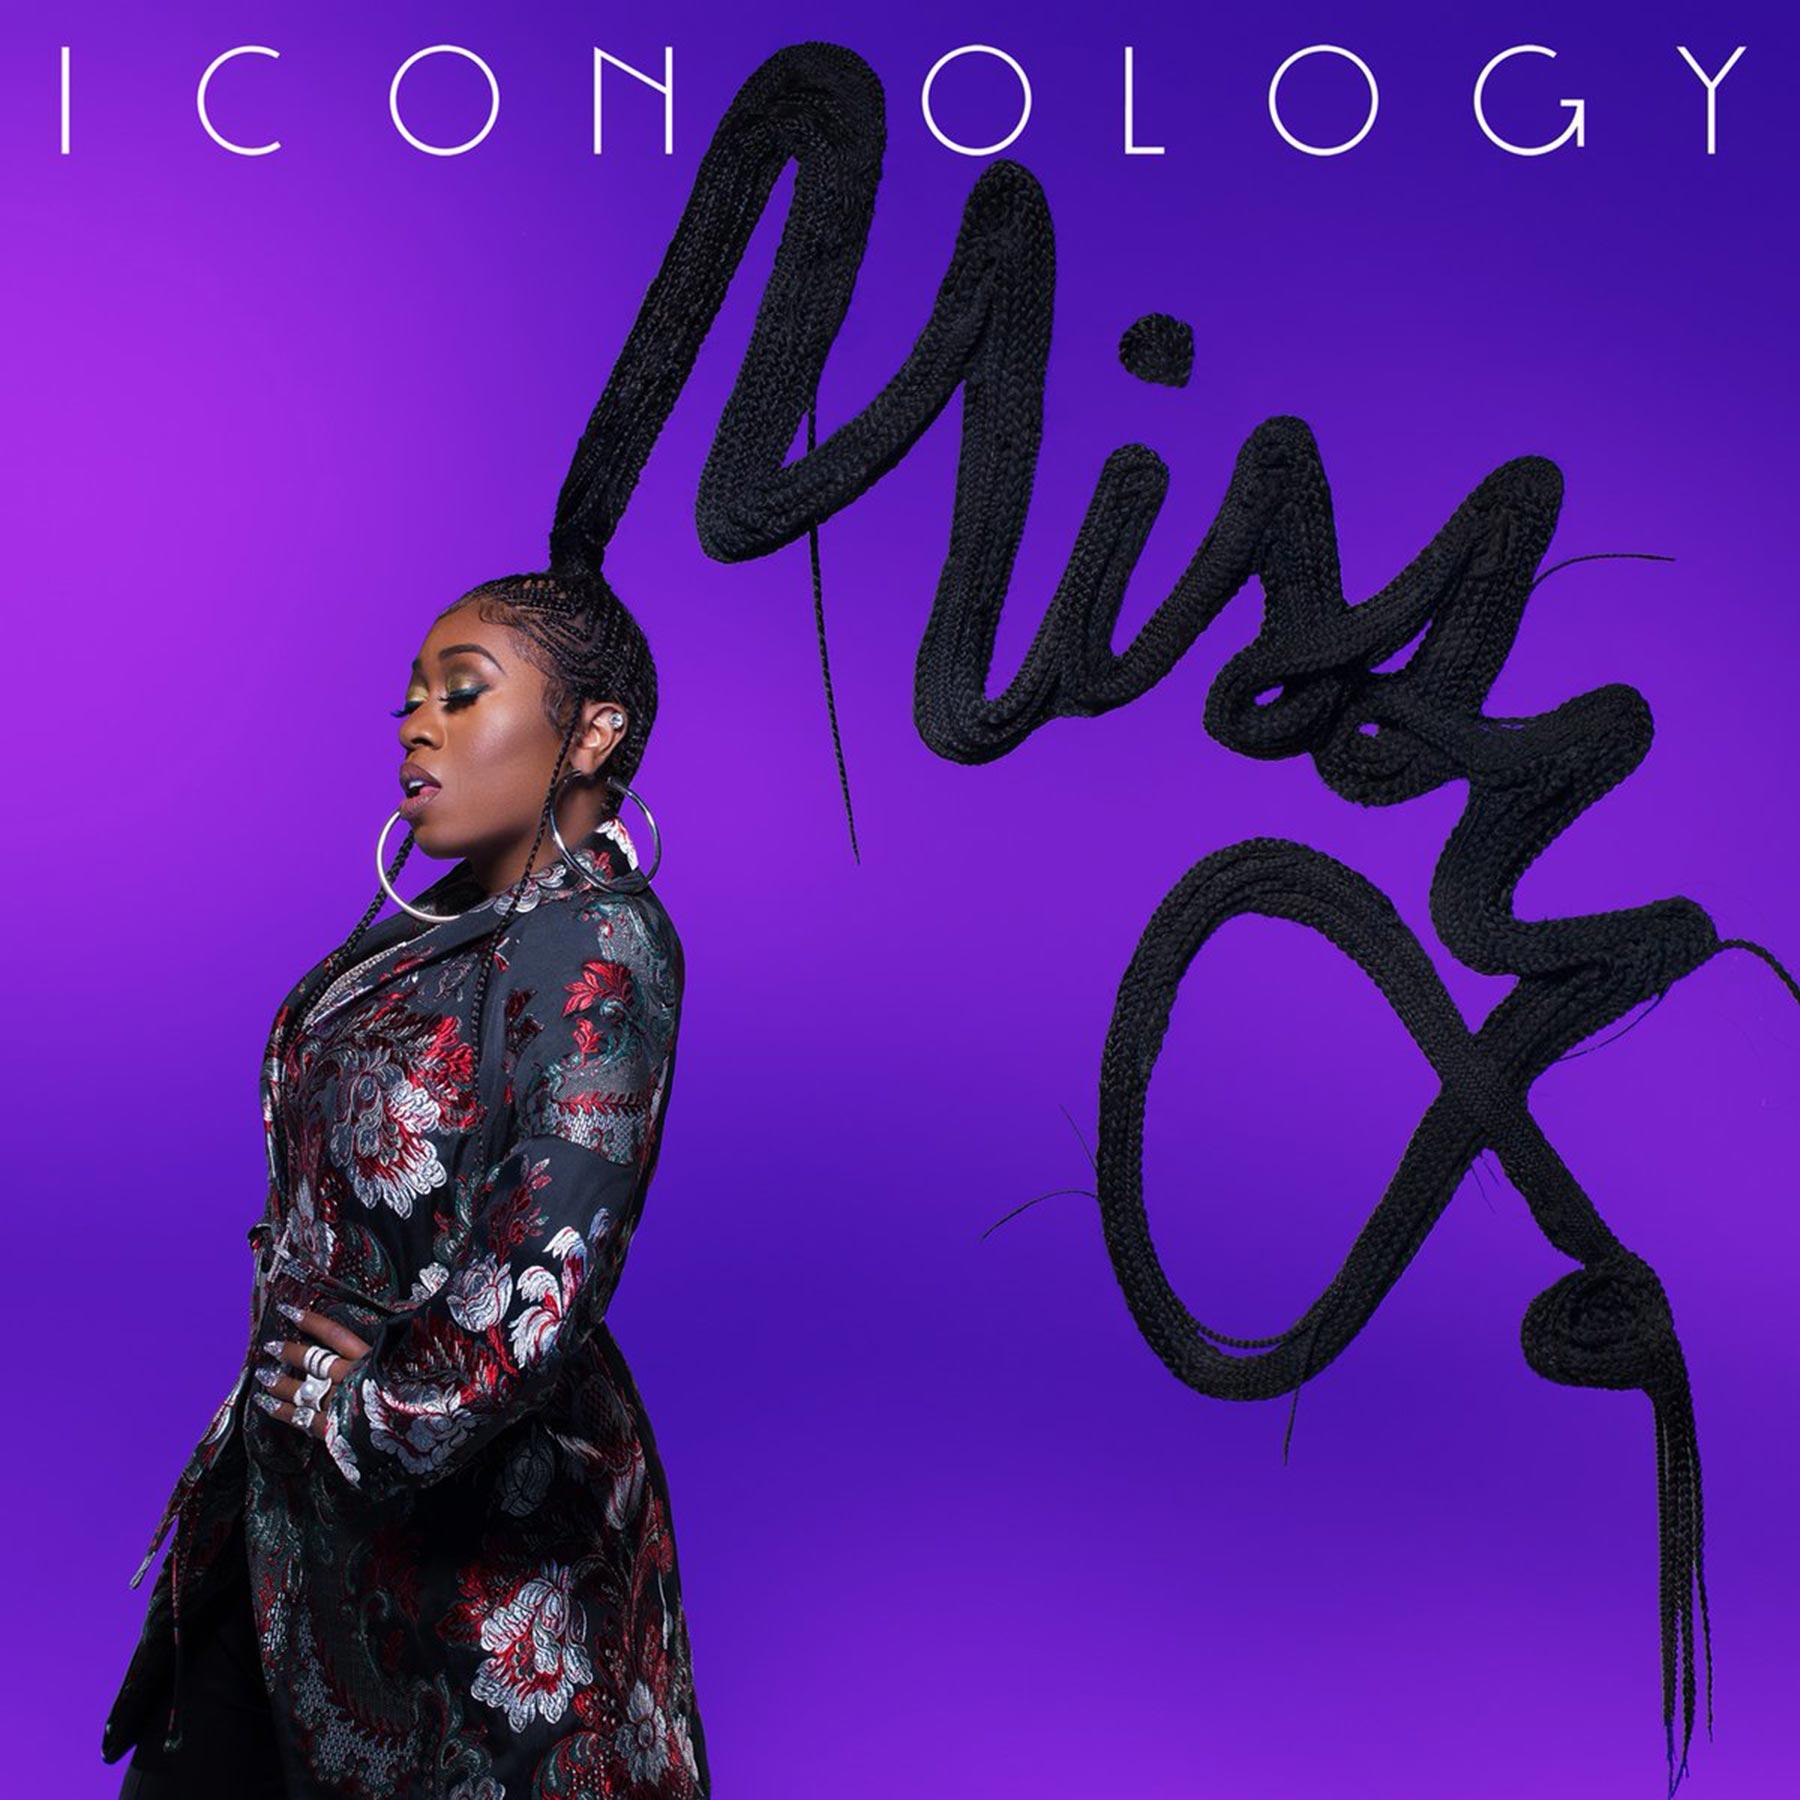 Iconology by Missy Elliott